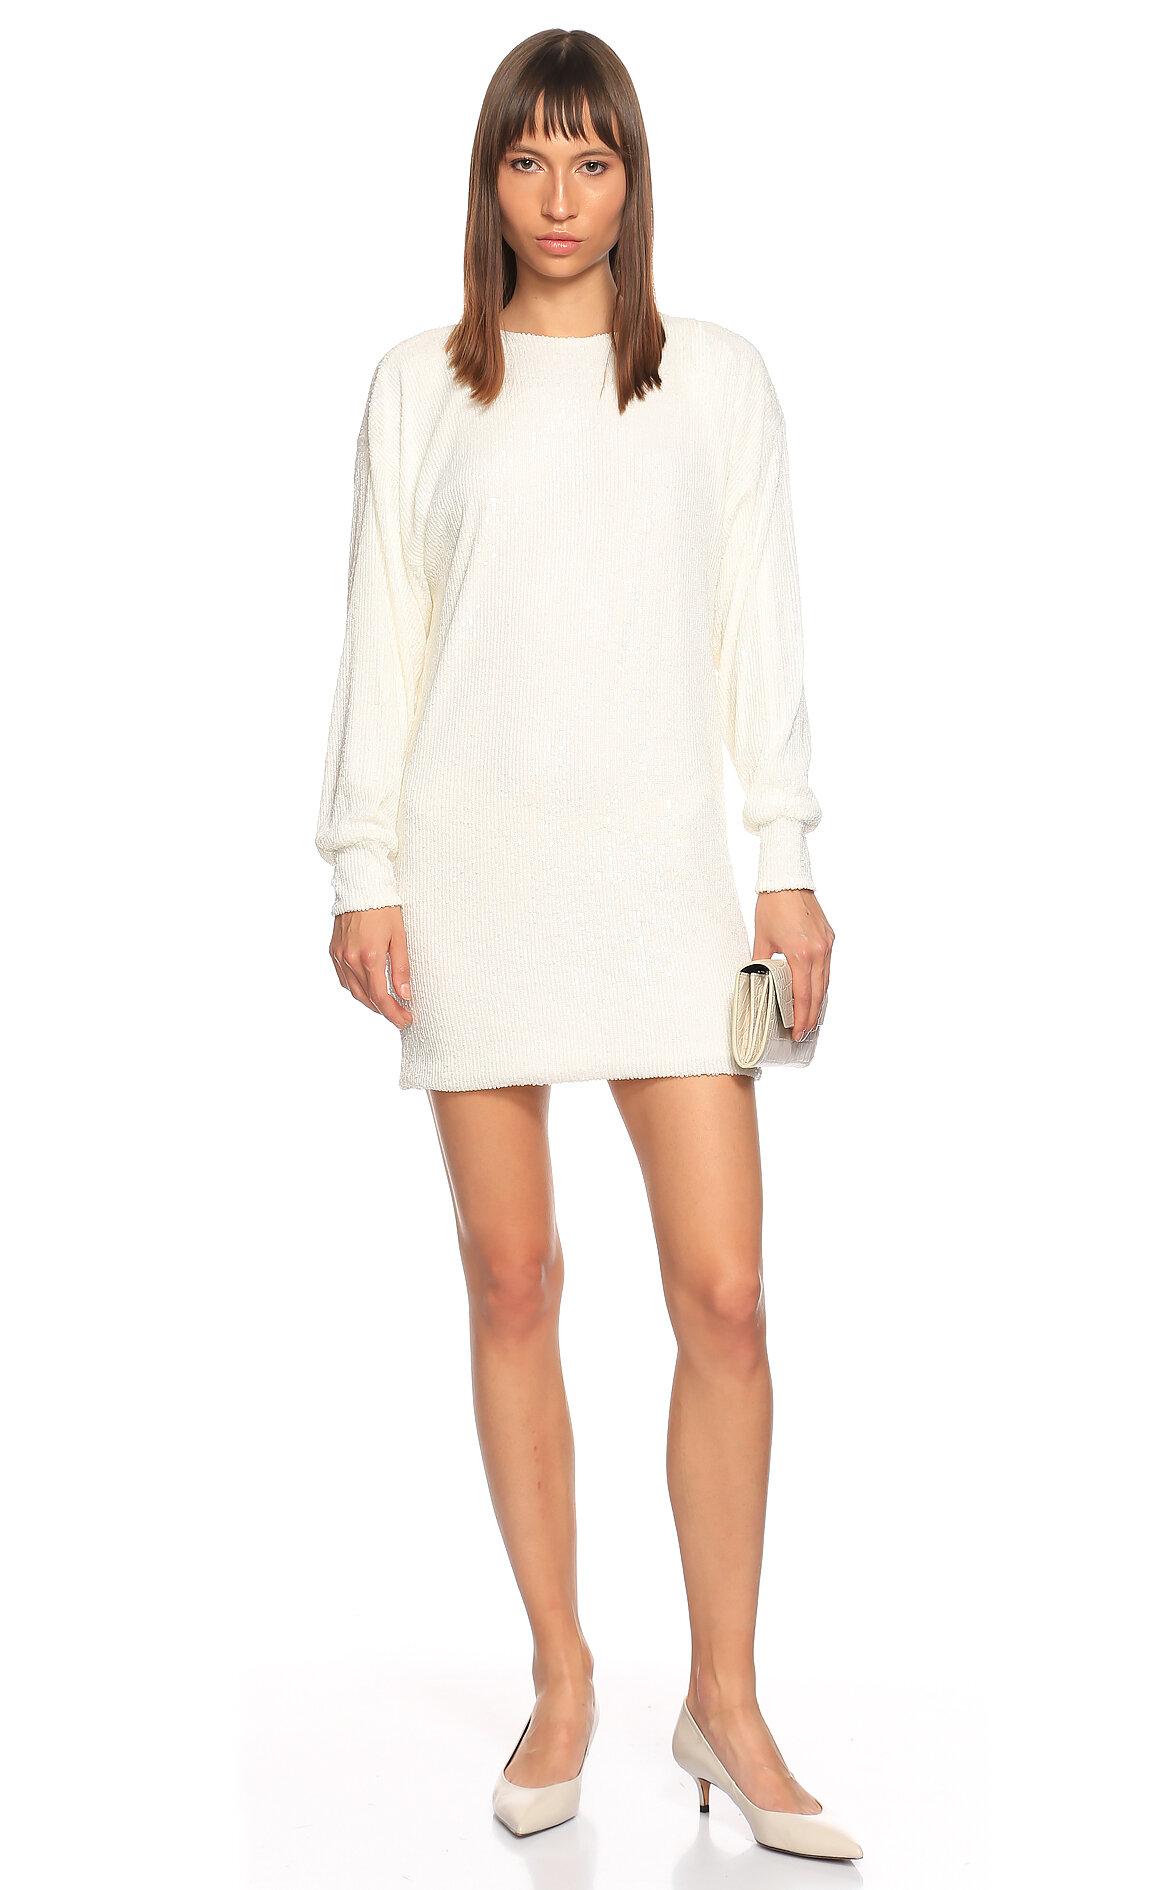 Nazlı Ceren-Nazlı Ceren Pul Payet Mini Beyaz Elbise